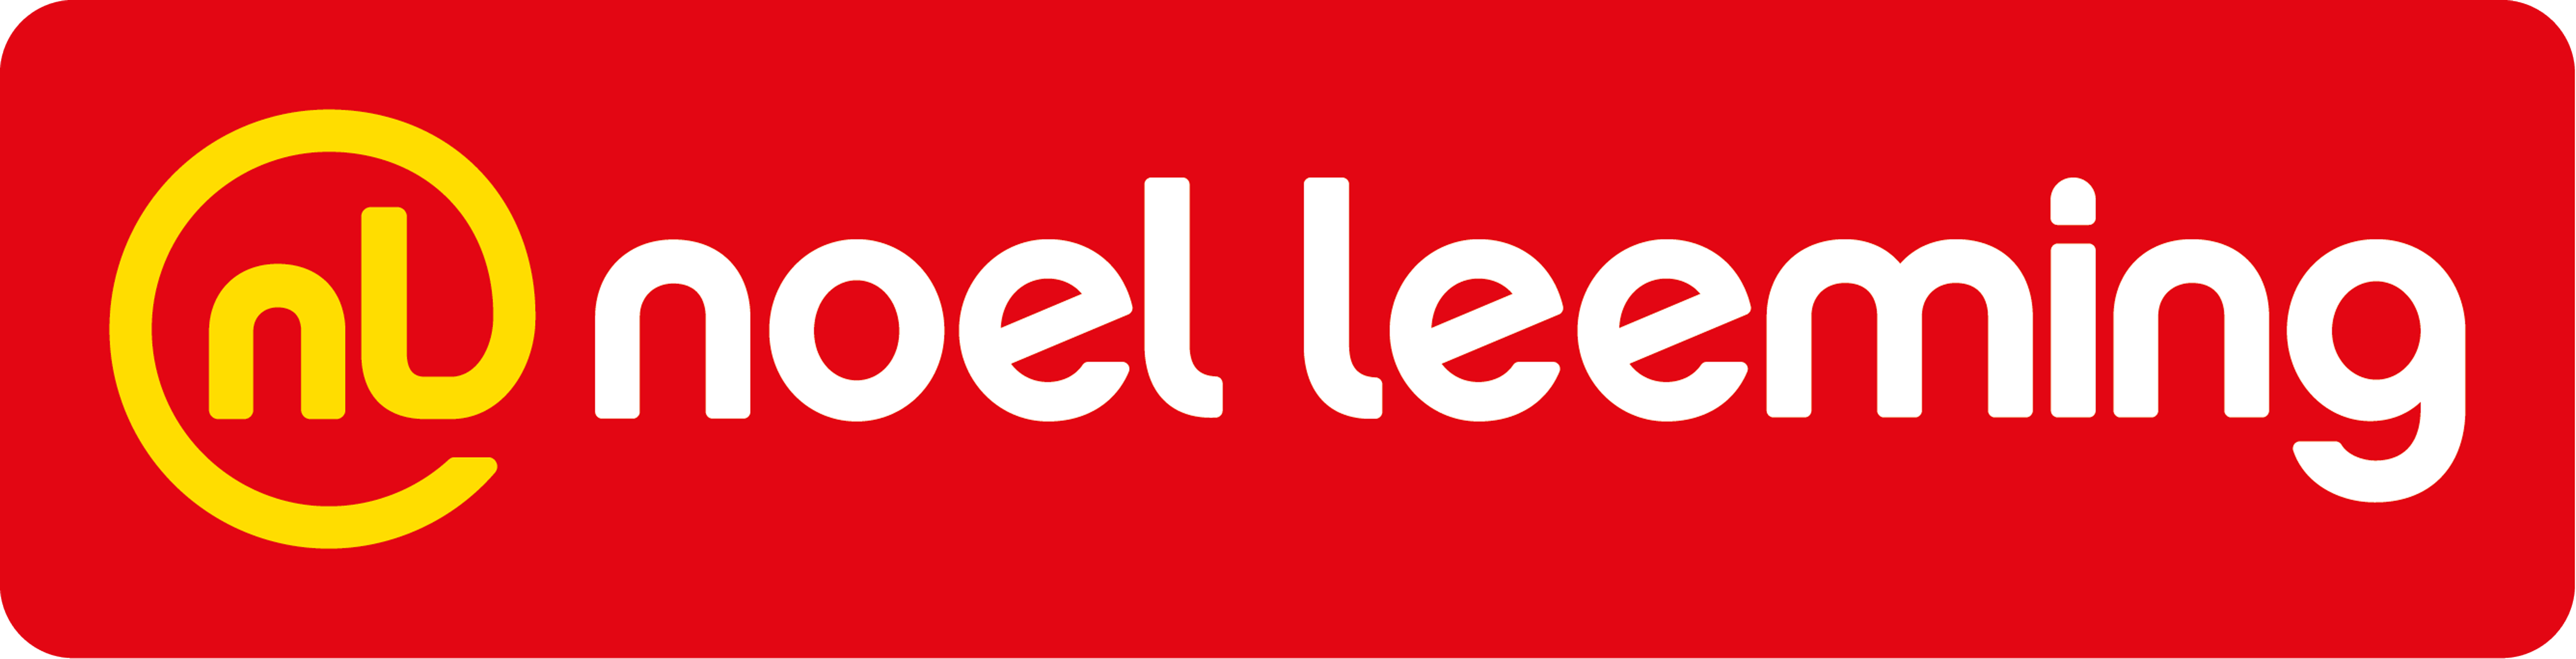 Logo Noel File:Noel leeming logo 20120608 120221.png   Wikipedia